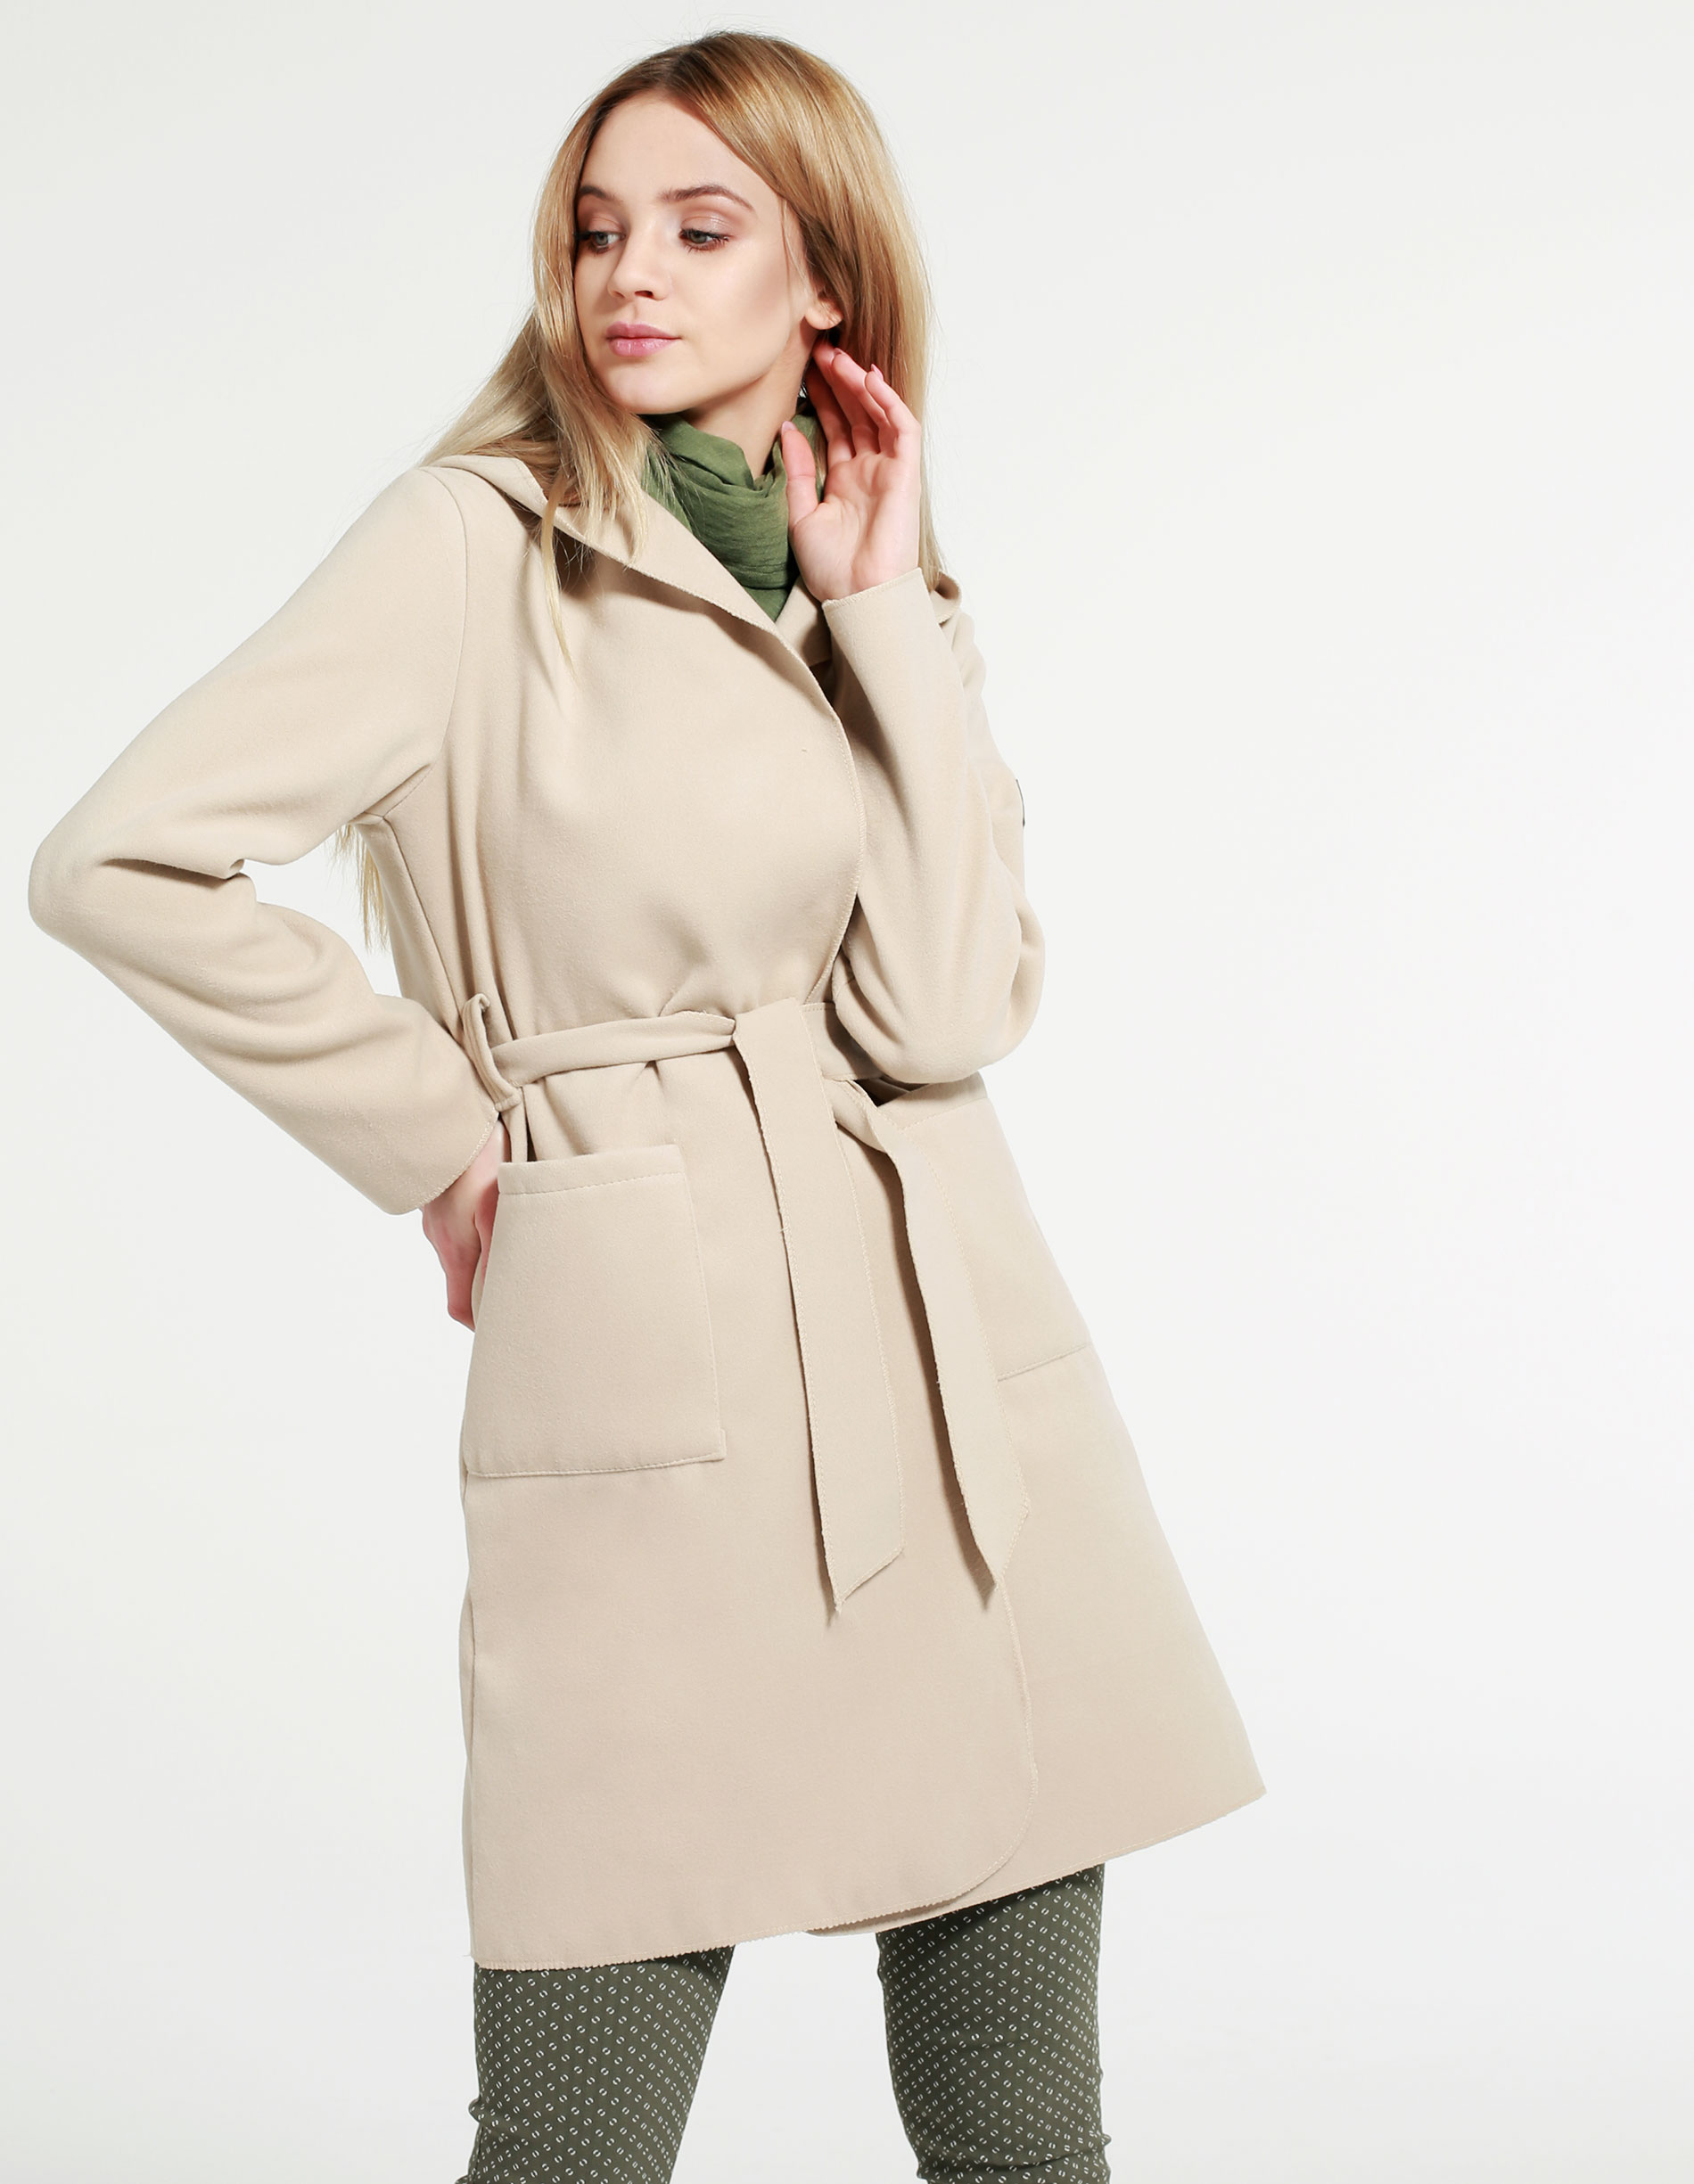 Płaszcz materiałowy - 71-22299 BEIG - Unisono